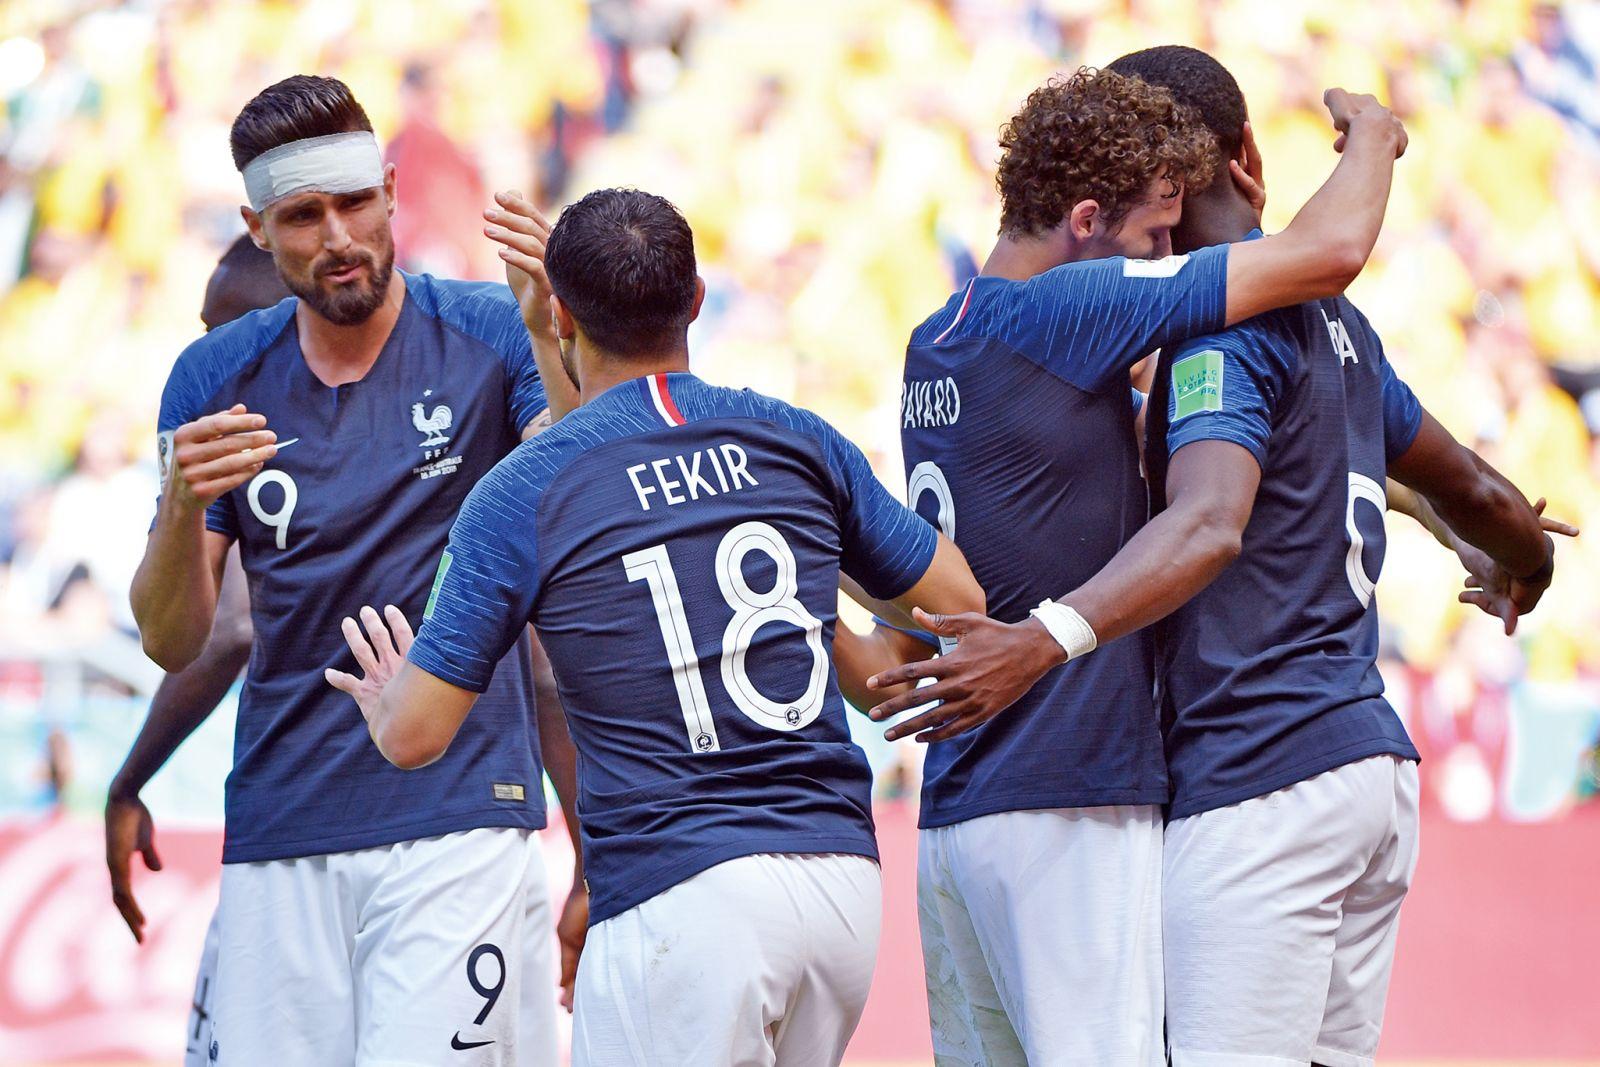 法軍狀態提升撼秘魯